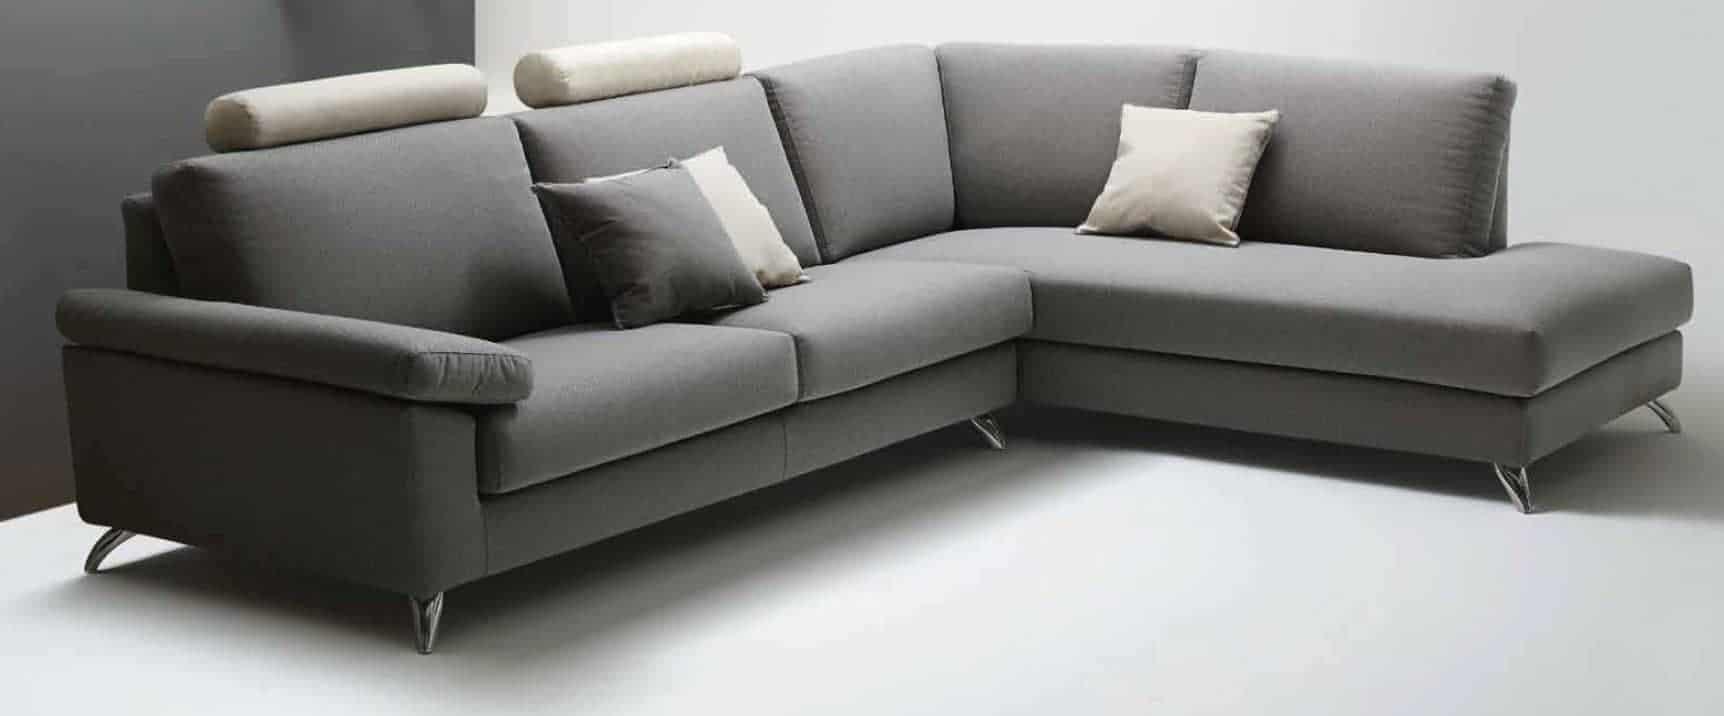 divano Cimabue